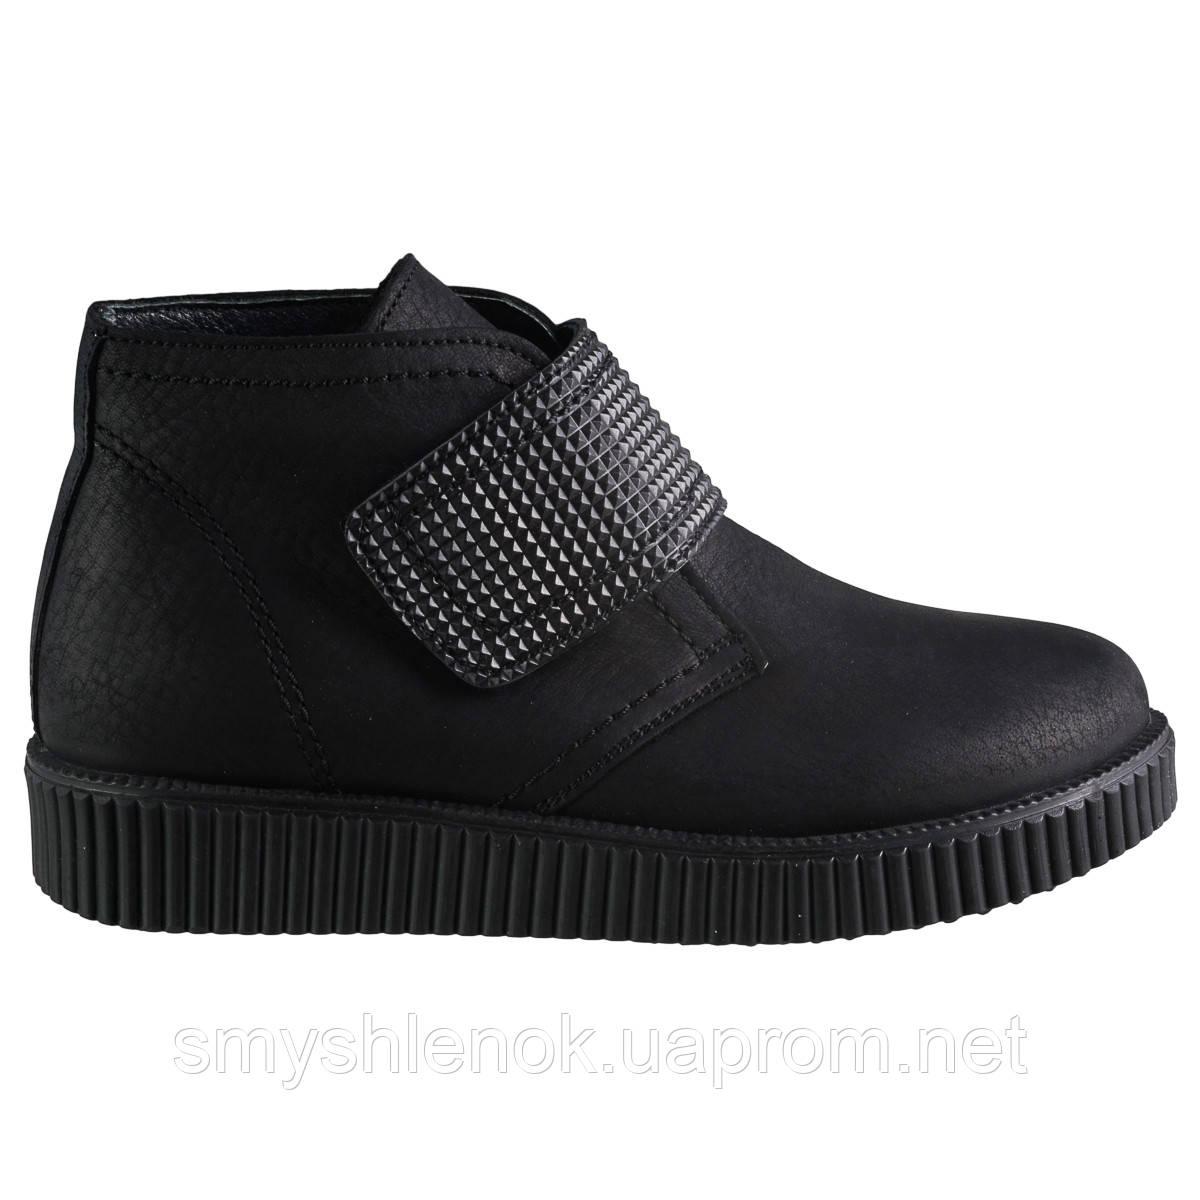 Ботинки Theo Leo RN607 32 19.5 см Черные